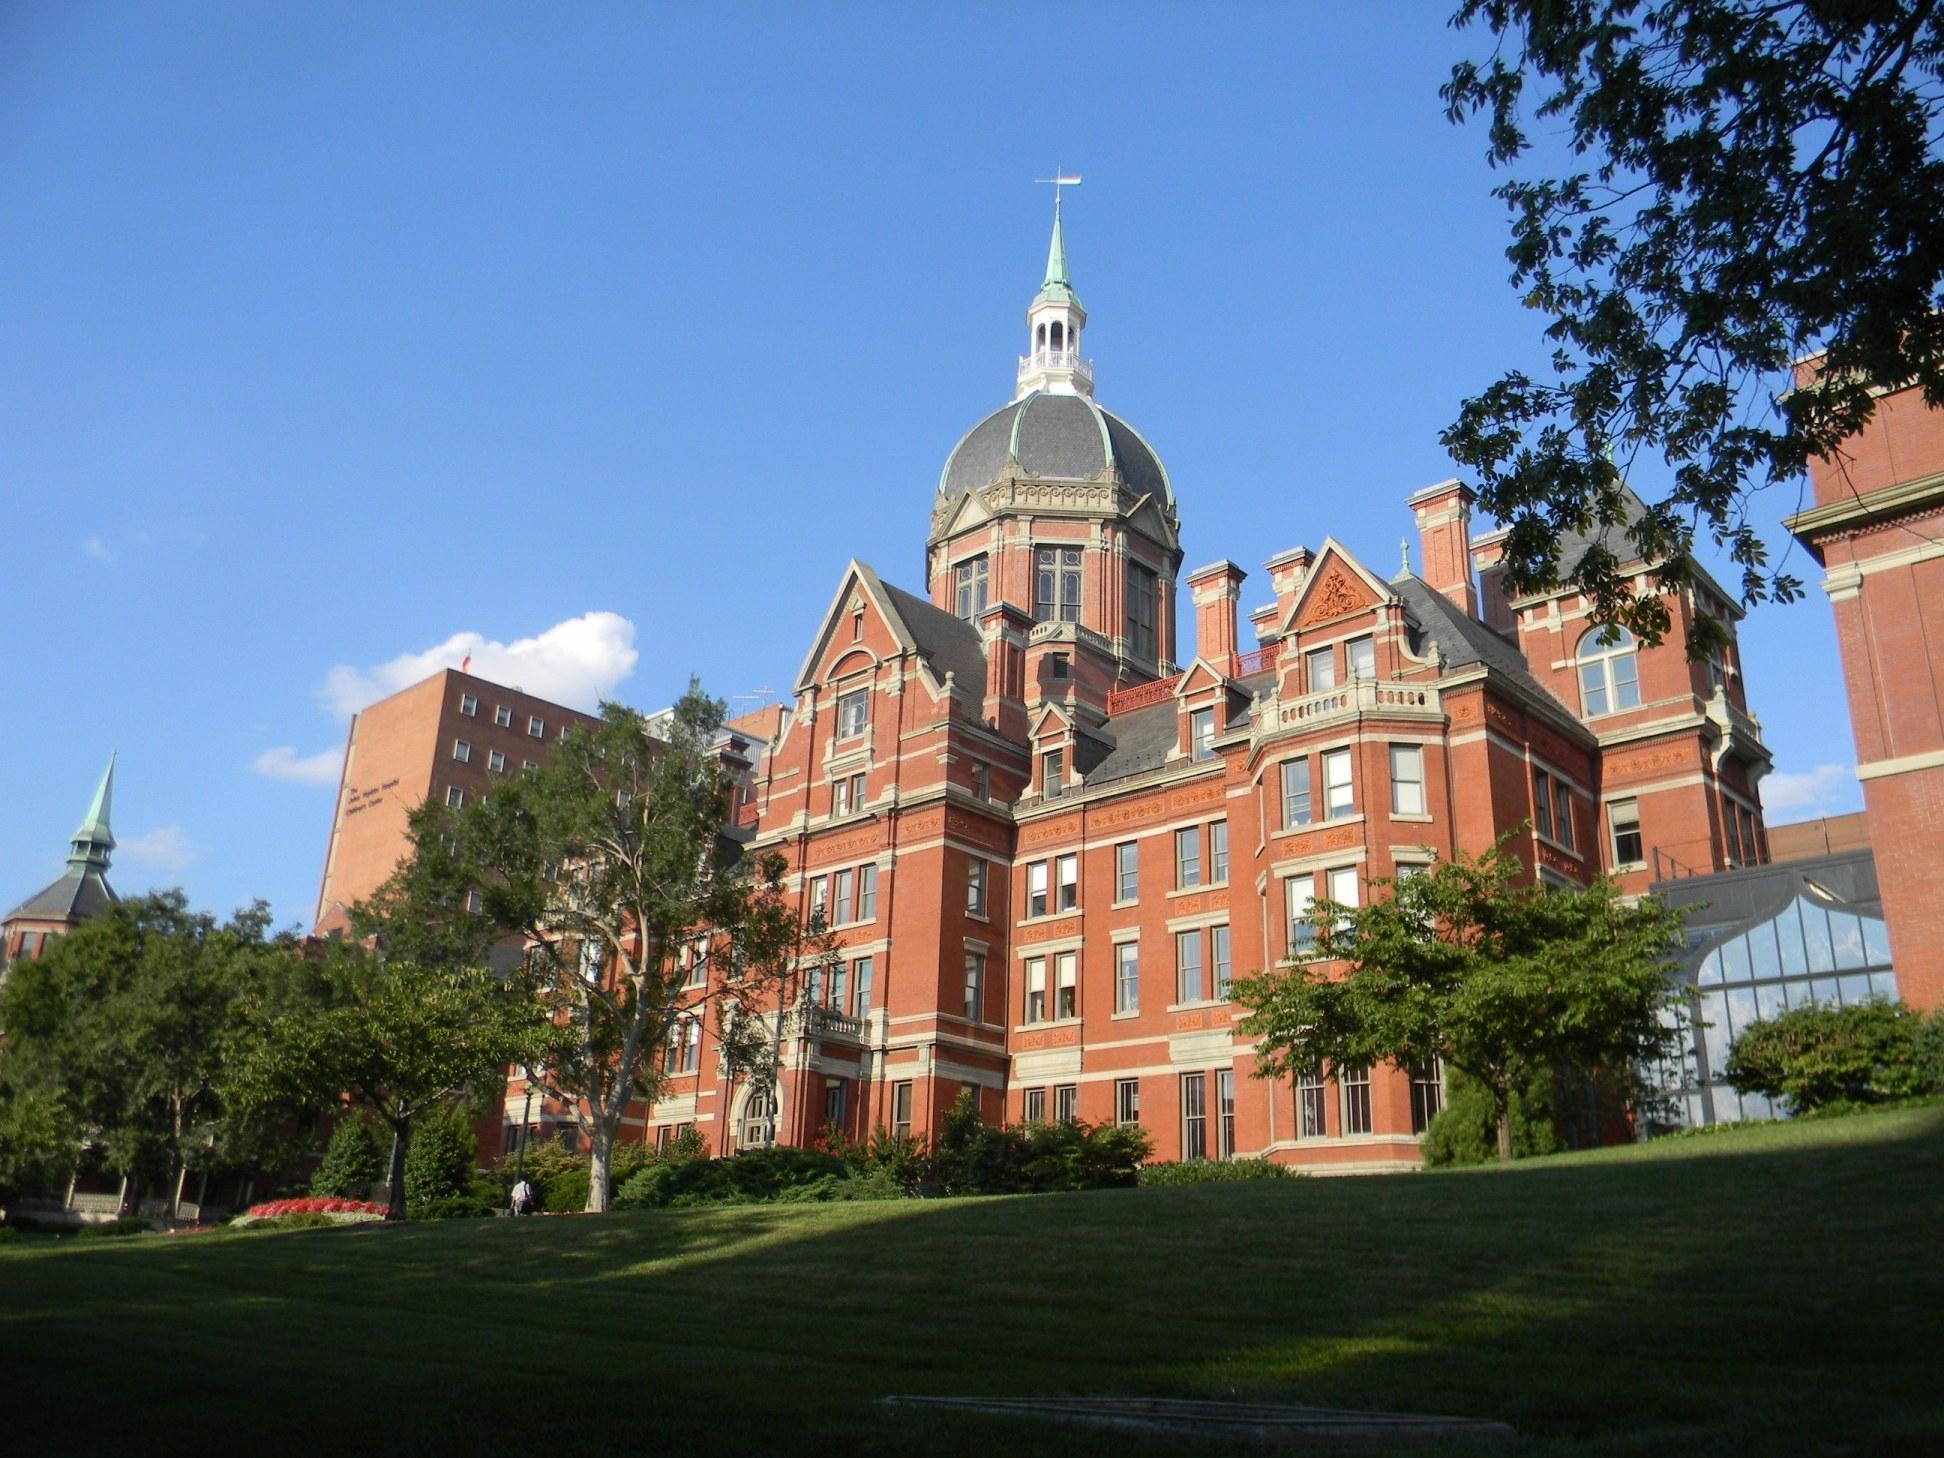 Αποτέλεσμα εικόνας για Johns Hopkins University